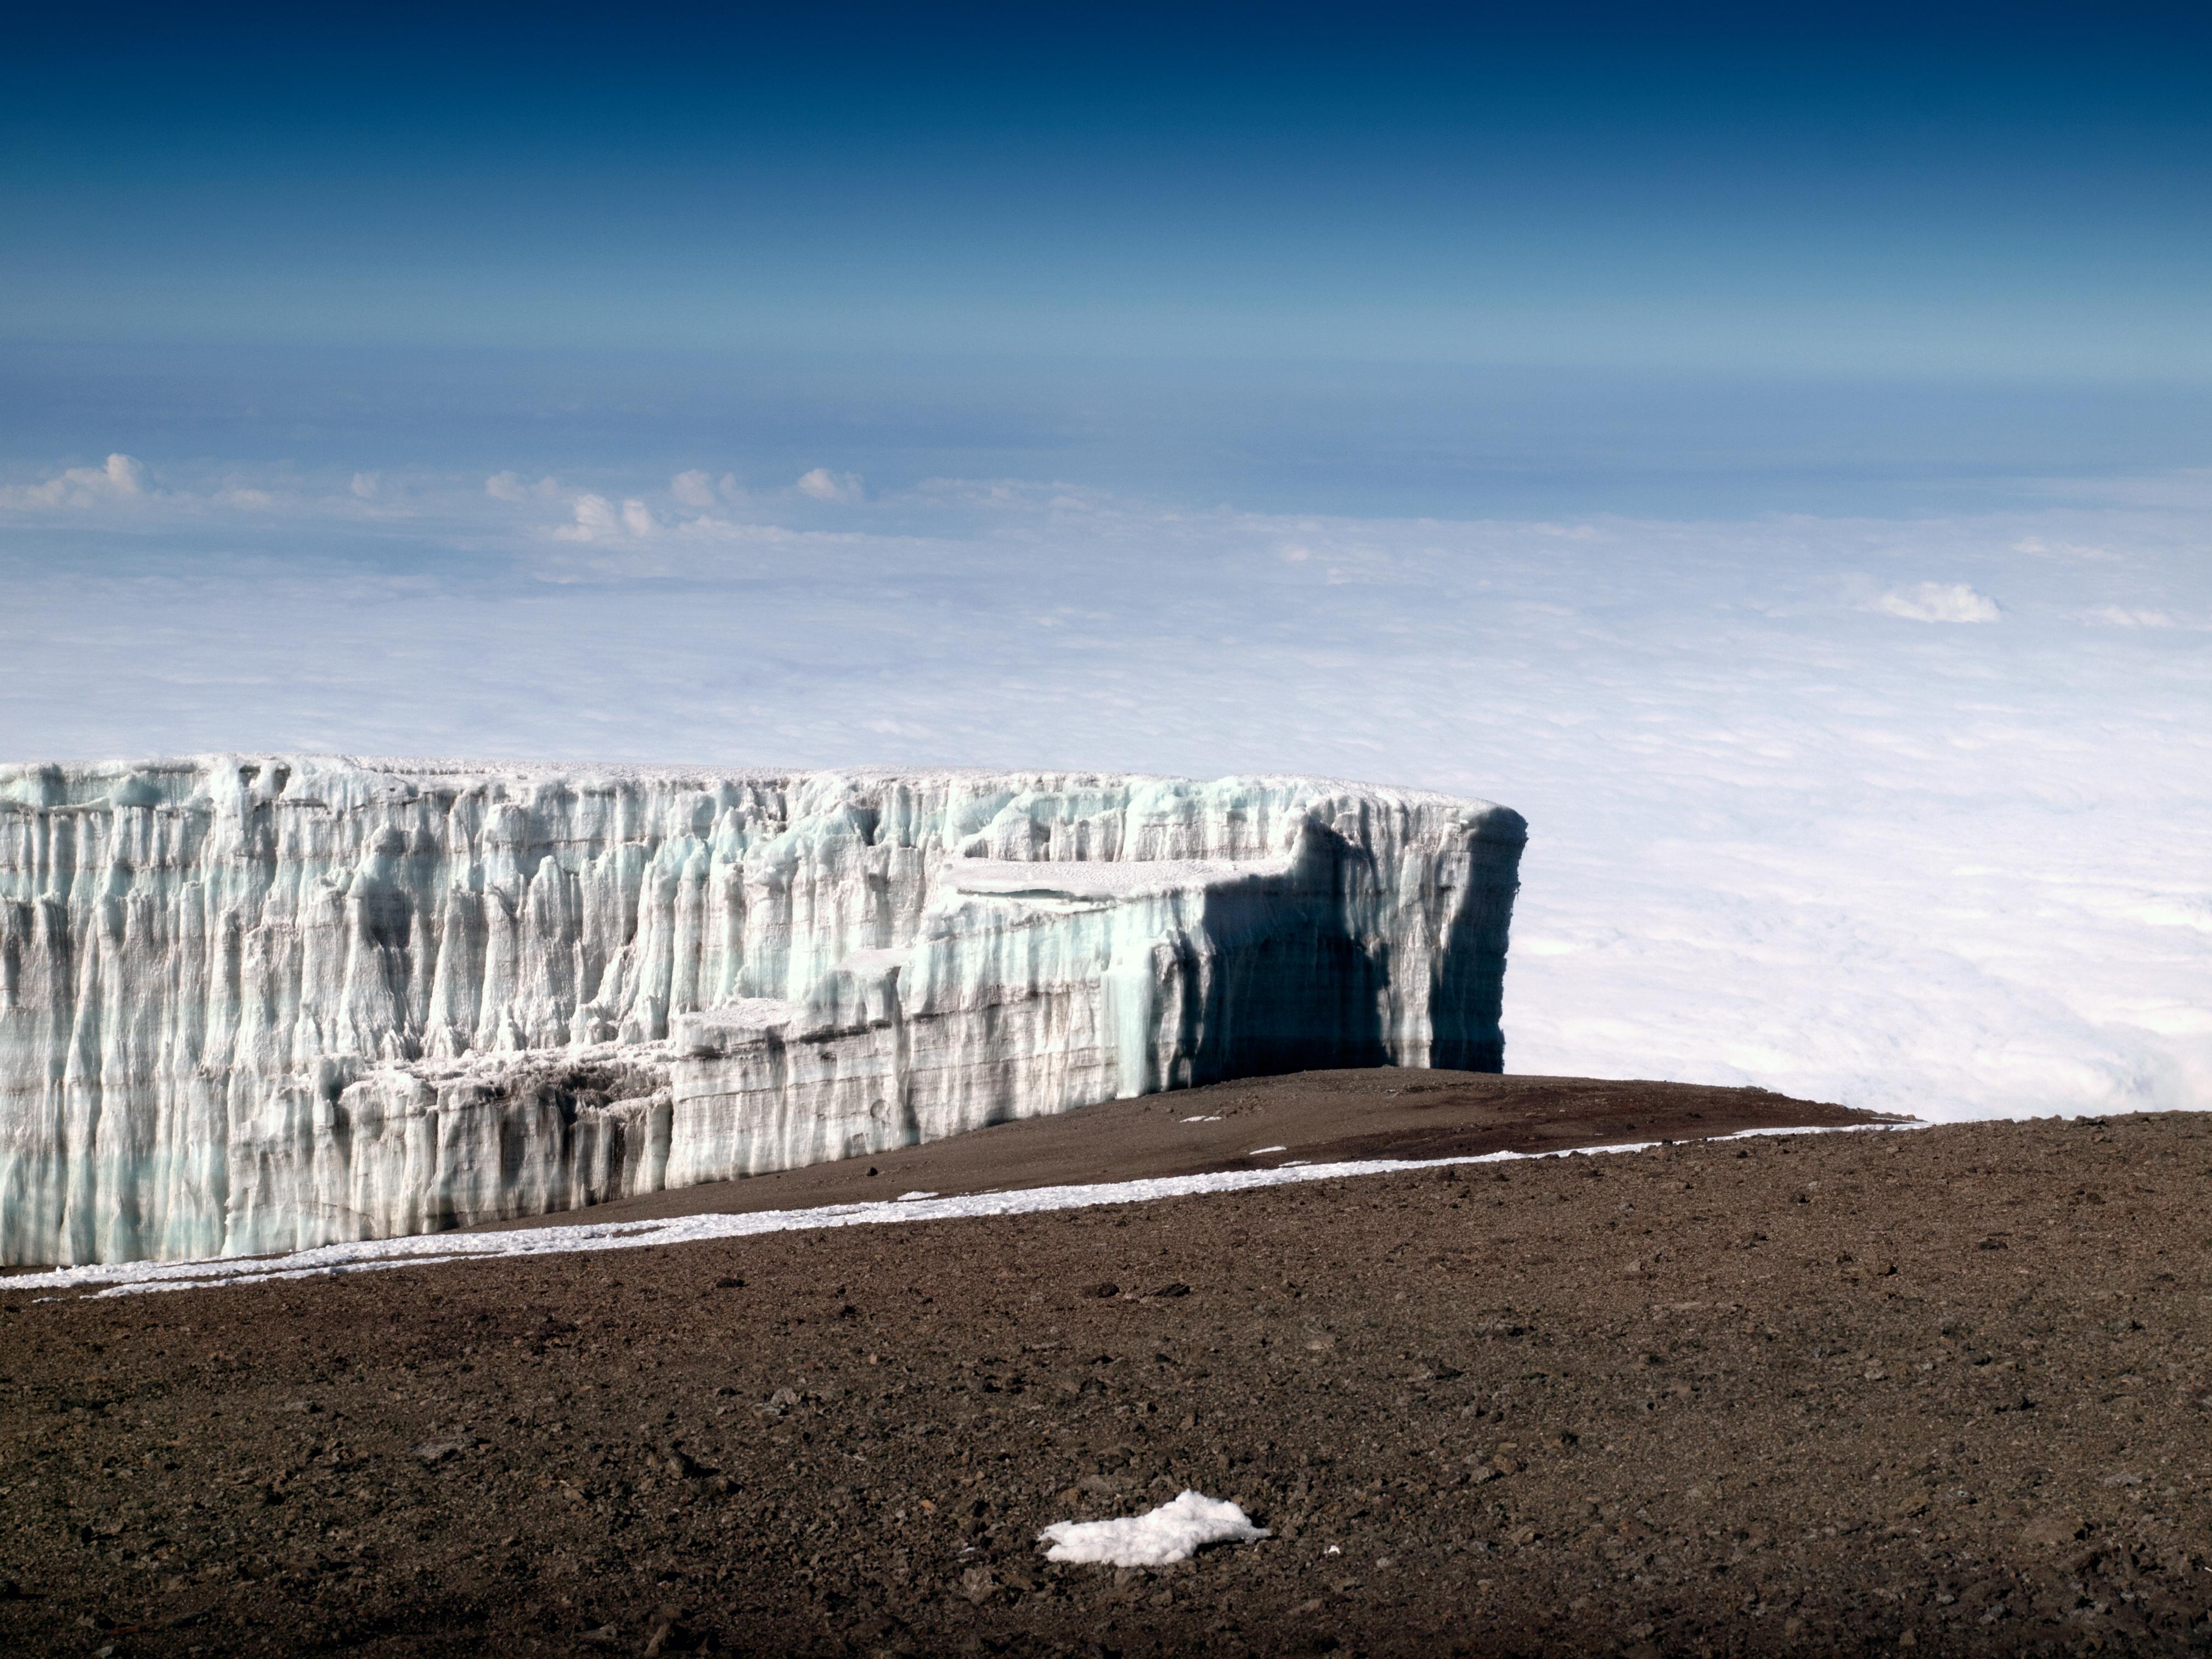 Alcanzamos las cumbres más gélidas del Kilimanjaro - Tanzania Gran Viaje Ascensión al Kilimanjaro: Ruta Marangu